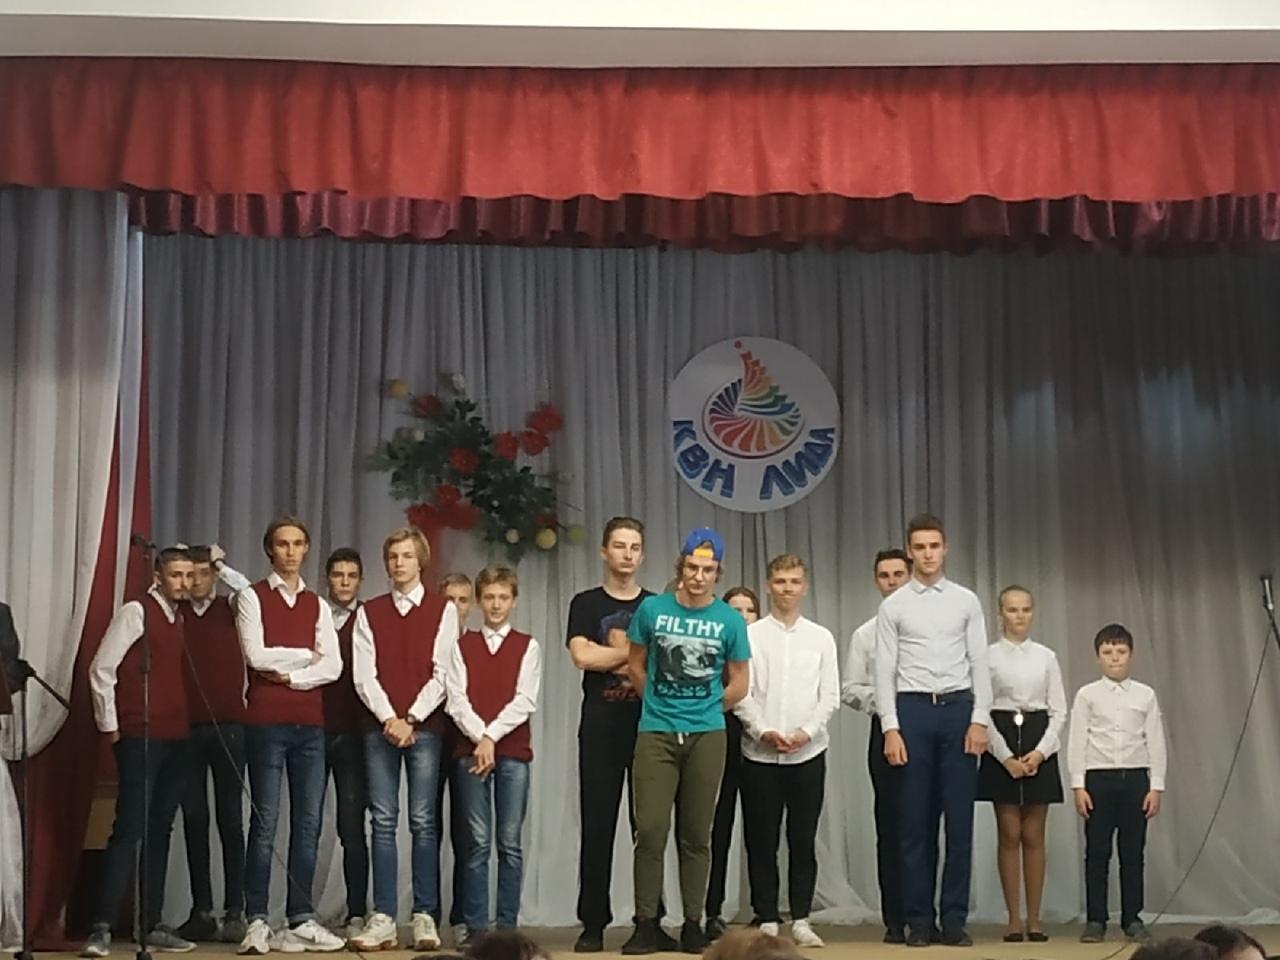 Районный чемпионат КВН «В будущее с улыбкой» прошел в Лиде.